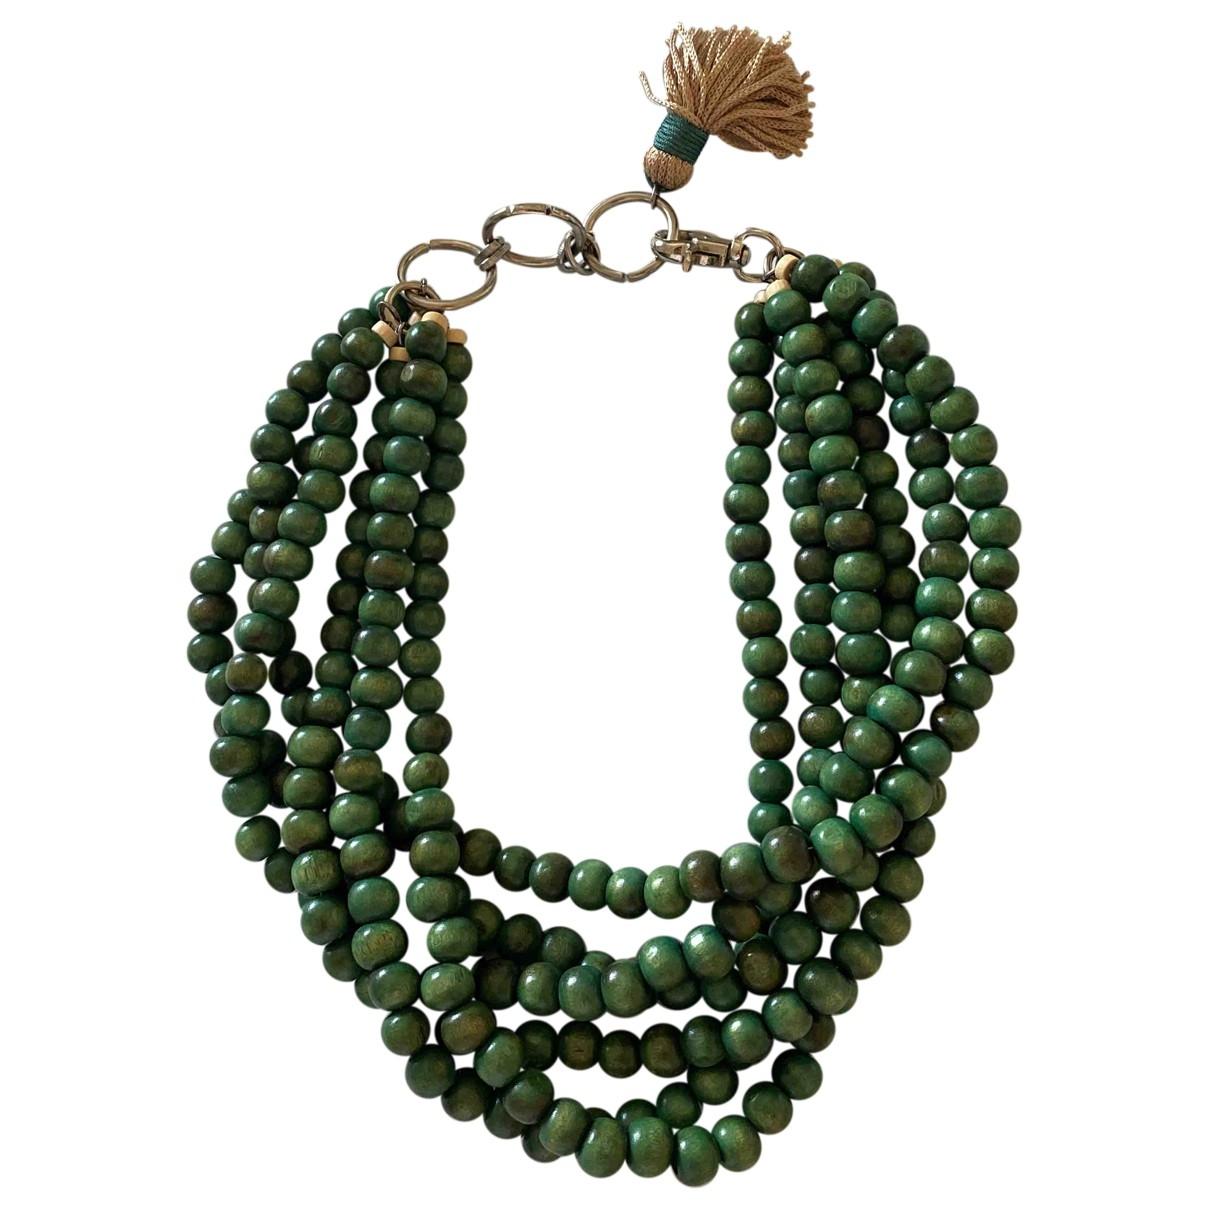 - Collier Motifs Ethniques pour femme en bois - vert